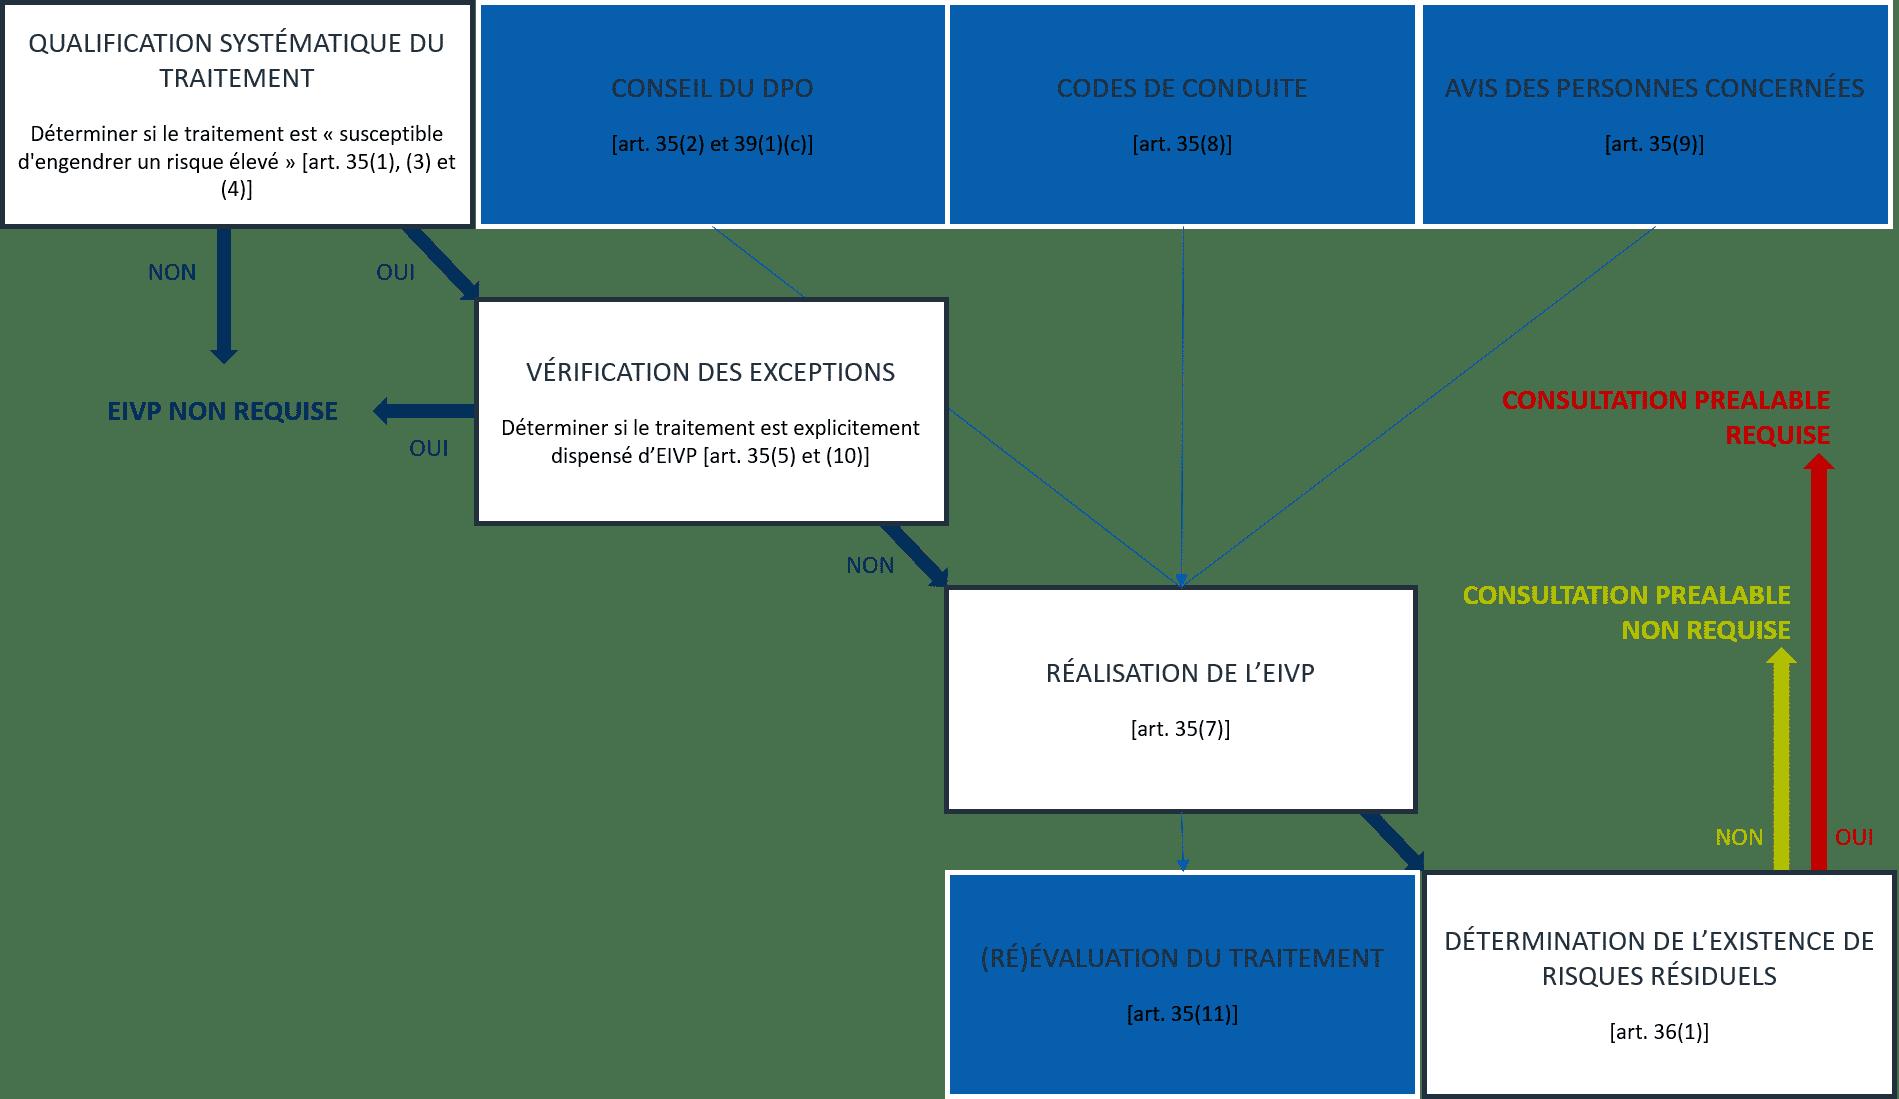 Etudes d'impacts sur la vie privée